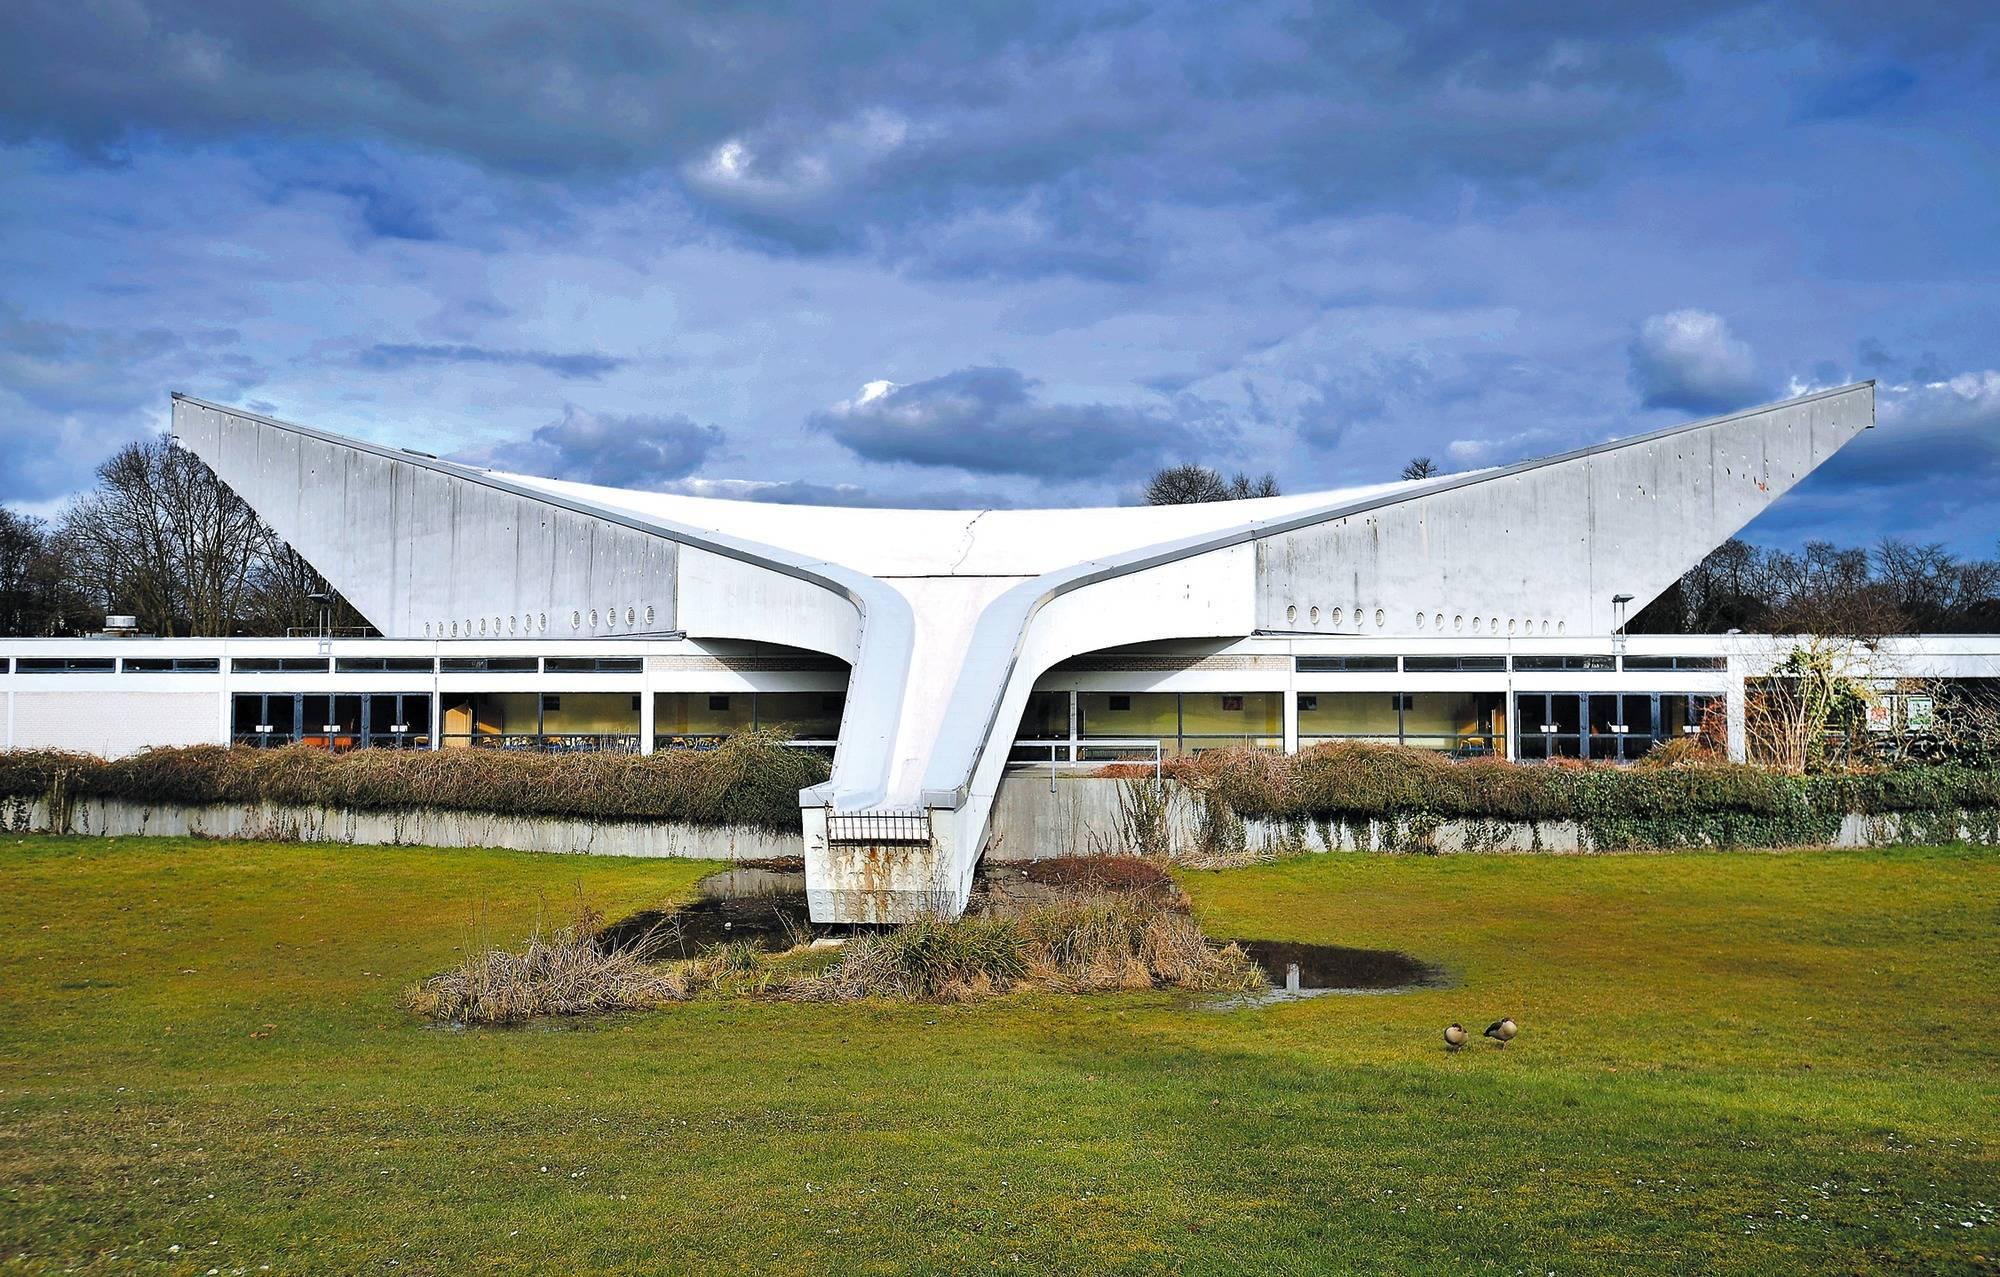 Architekten Ludwigshafen ludwigshafen bekennt sich zur friedrich ebert halle nachrichten